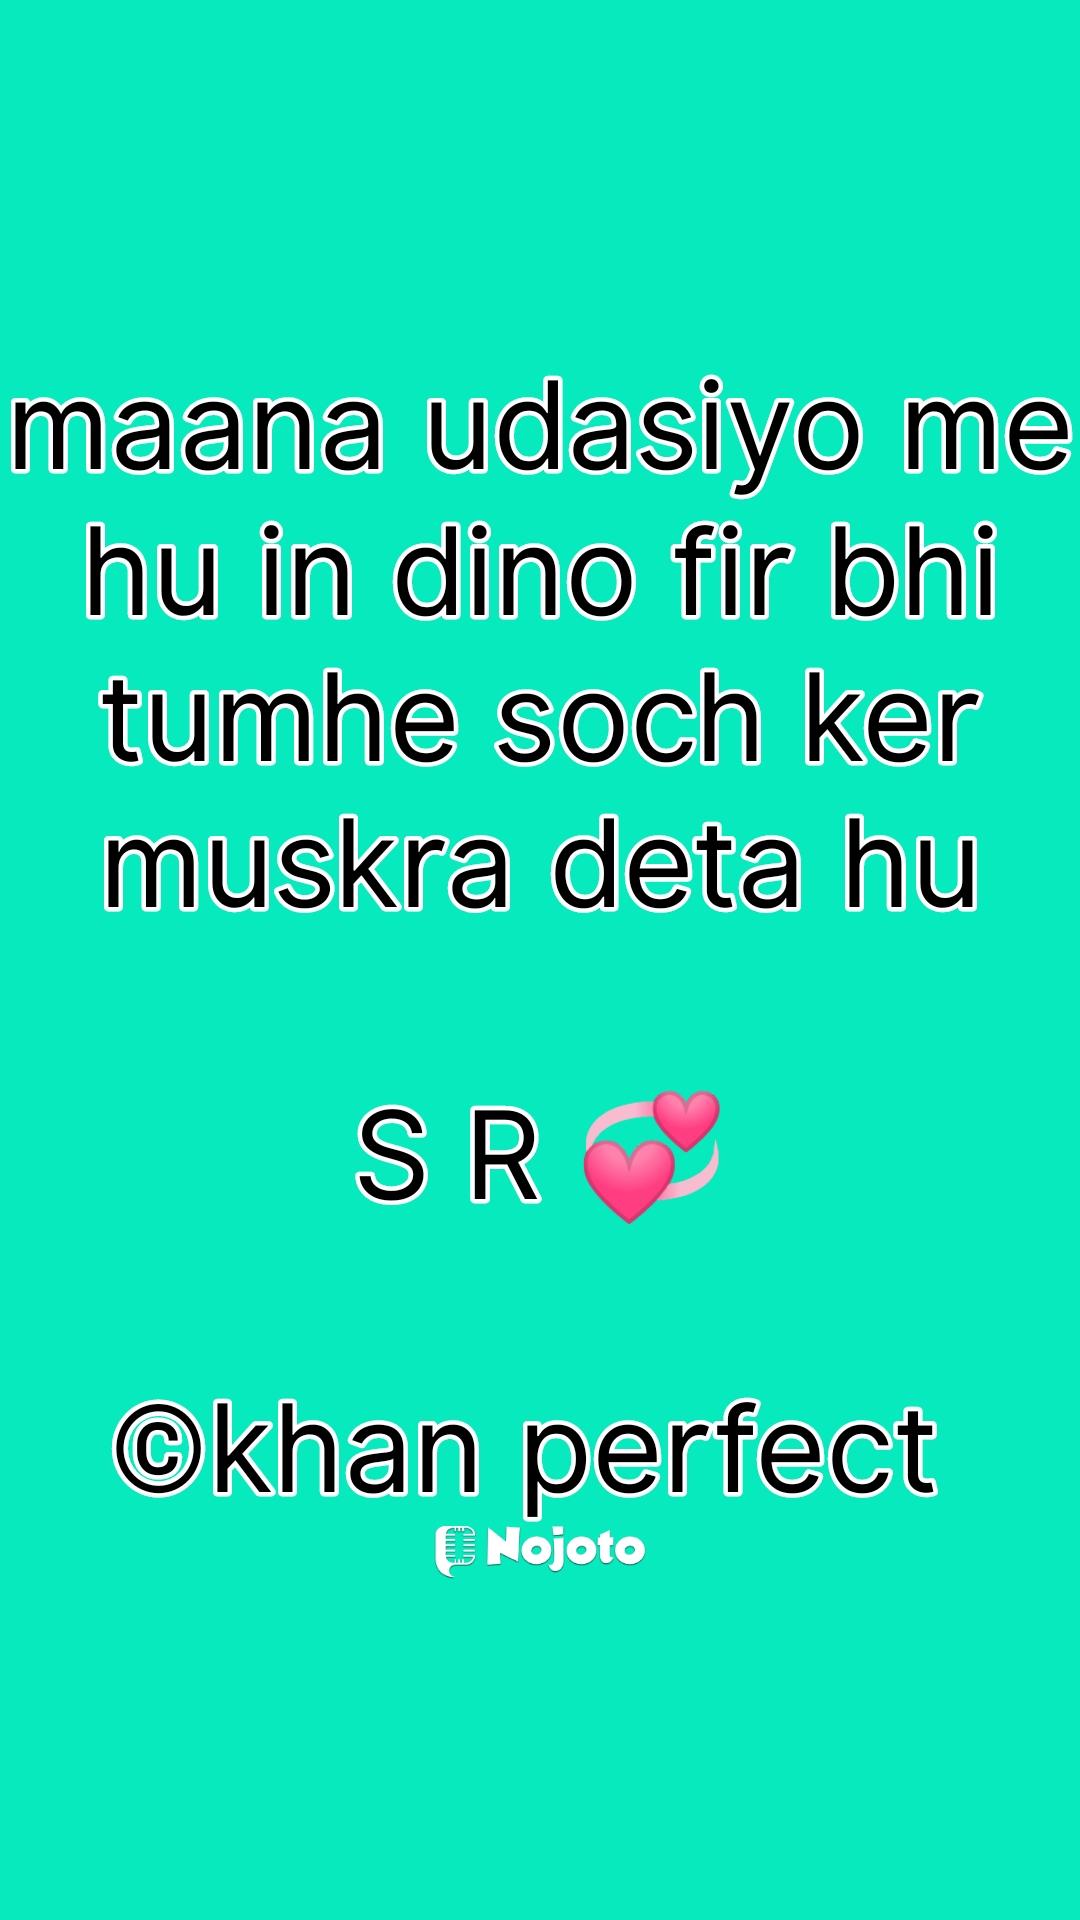 maana udasiyo me hu in dino fir bhi tumhe soch ker muskra deta hu  S R 💞  ©khan perfect